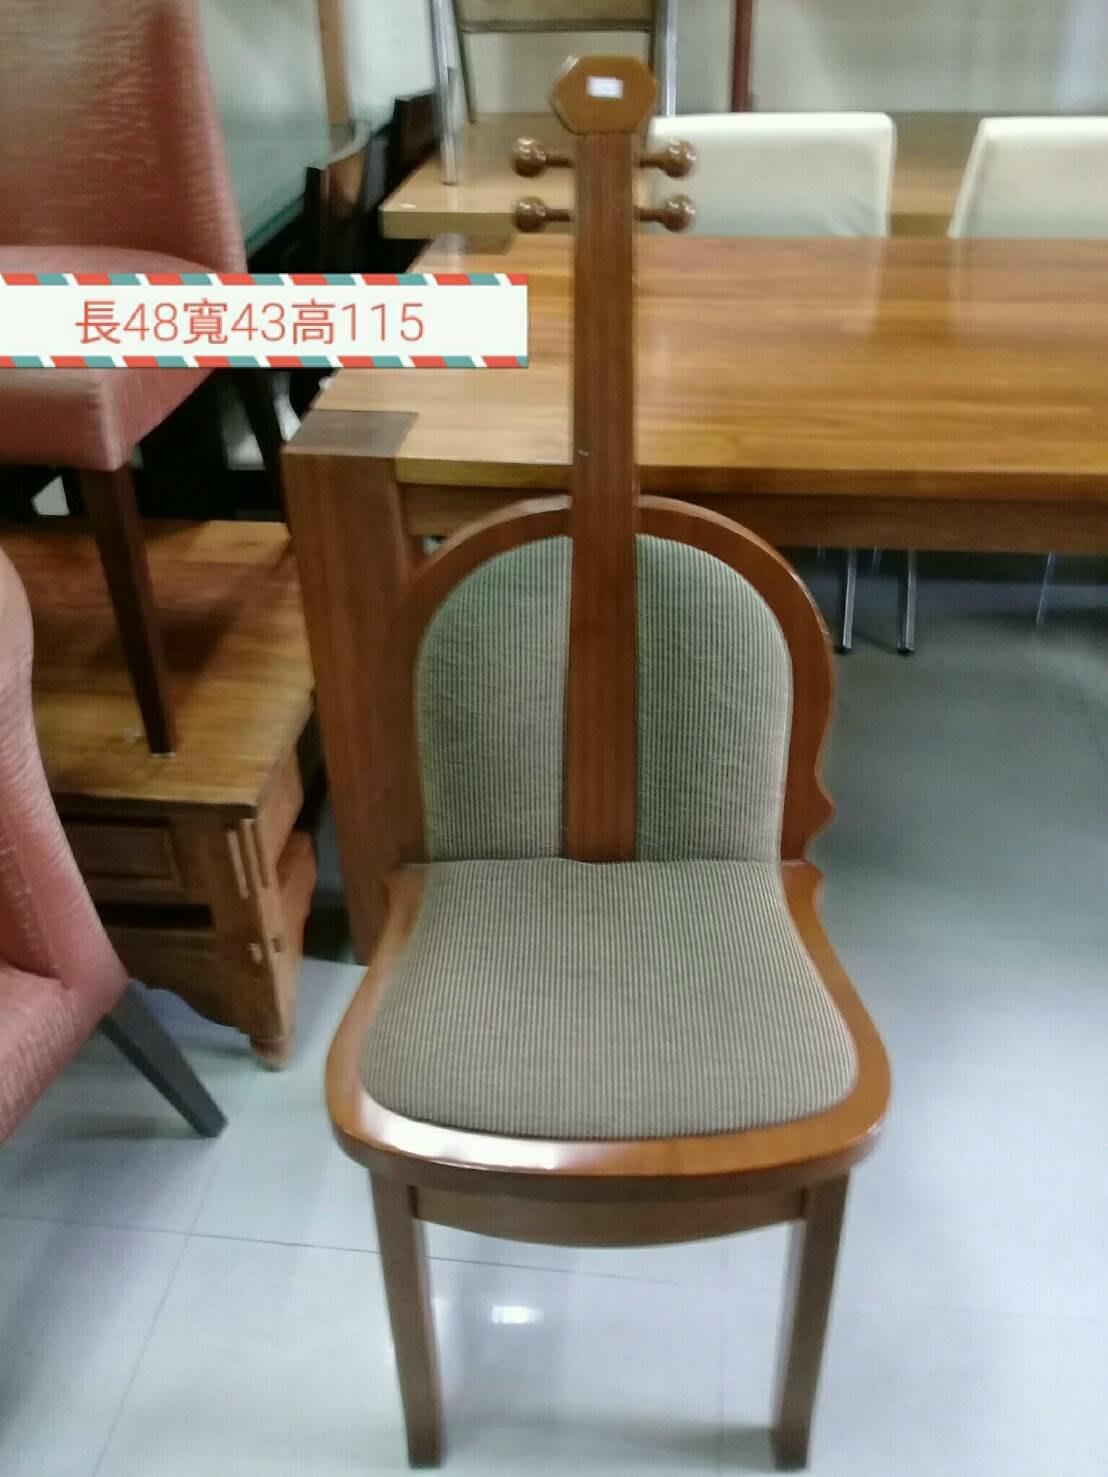 新竹二手家具 買賣 總店來來-實木 造型 餐椅 接待椅~新竹市|竹北-新豐-竹南-頭份-2手-家電 買賣 實木 沙發-櫥櫃-茶几-衣櫥-床架-床墊-冰箱-洗衣機